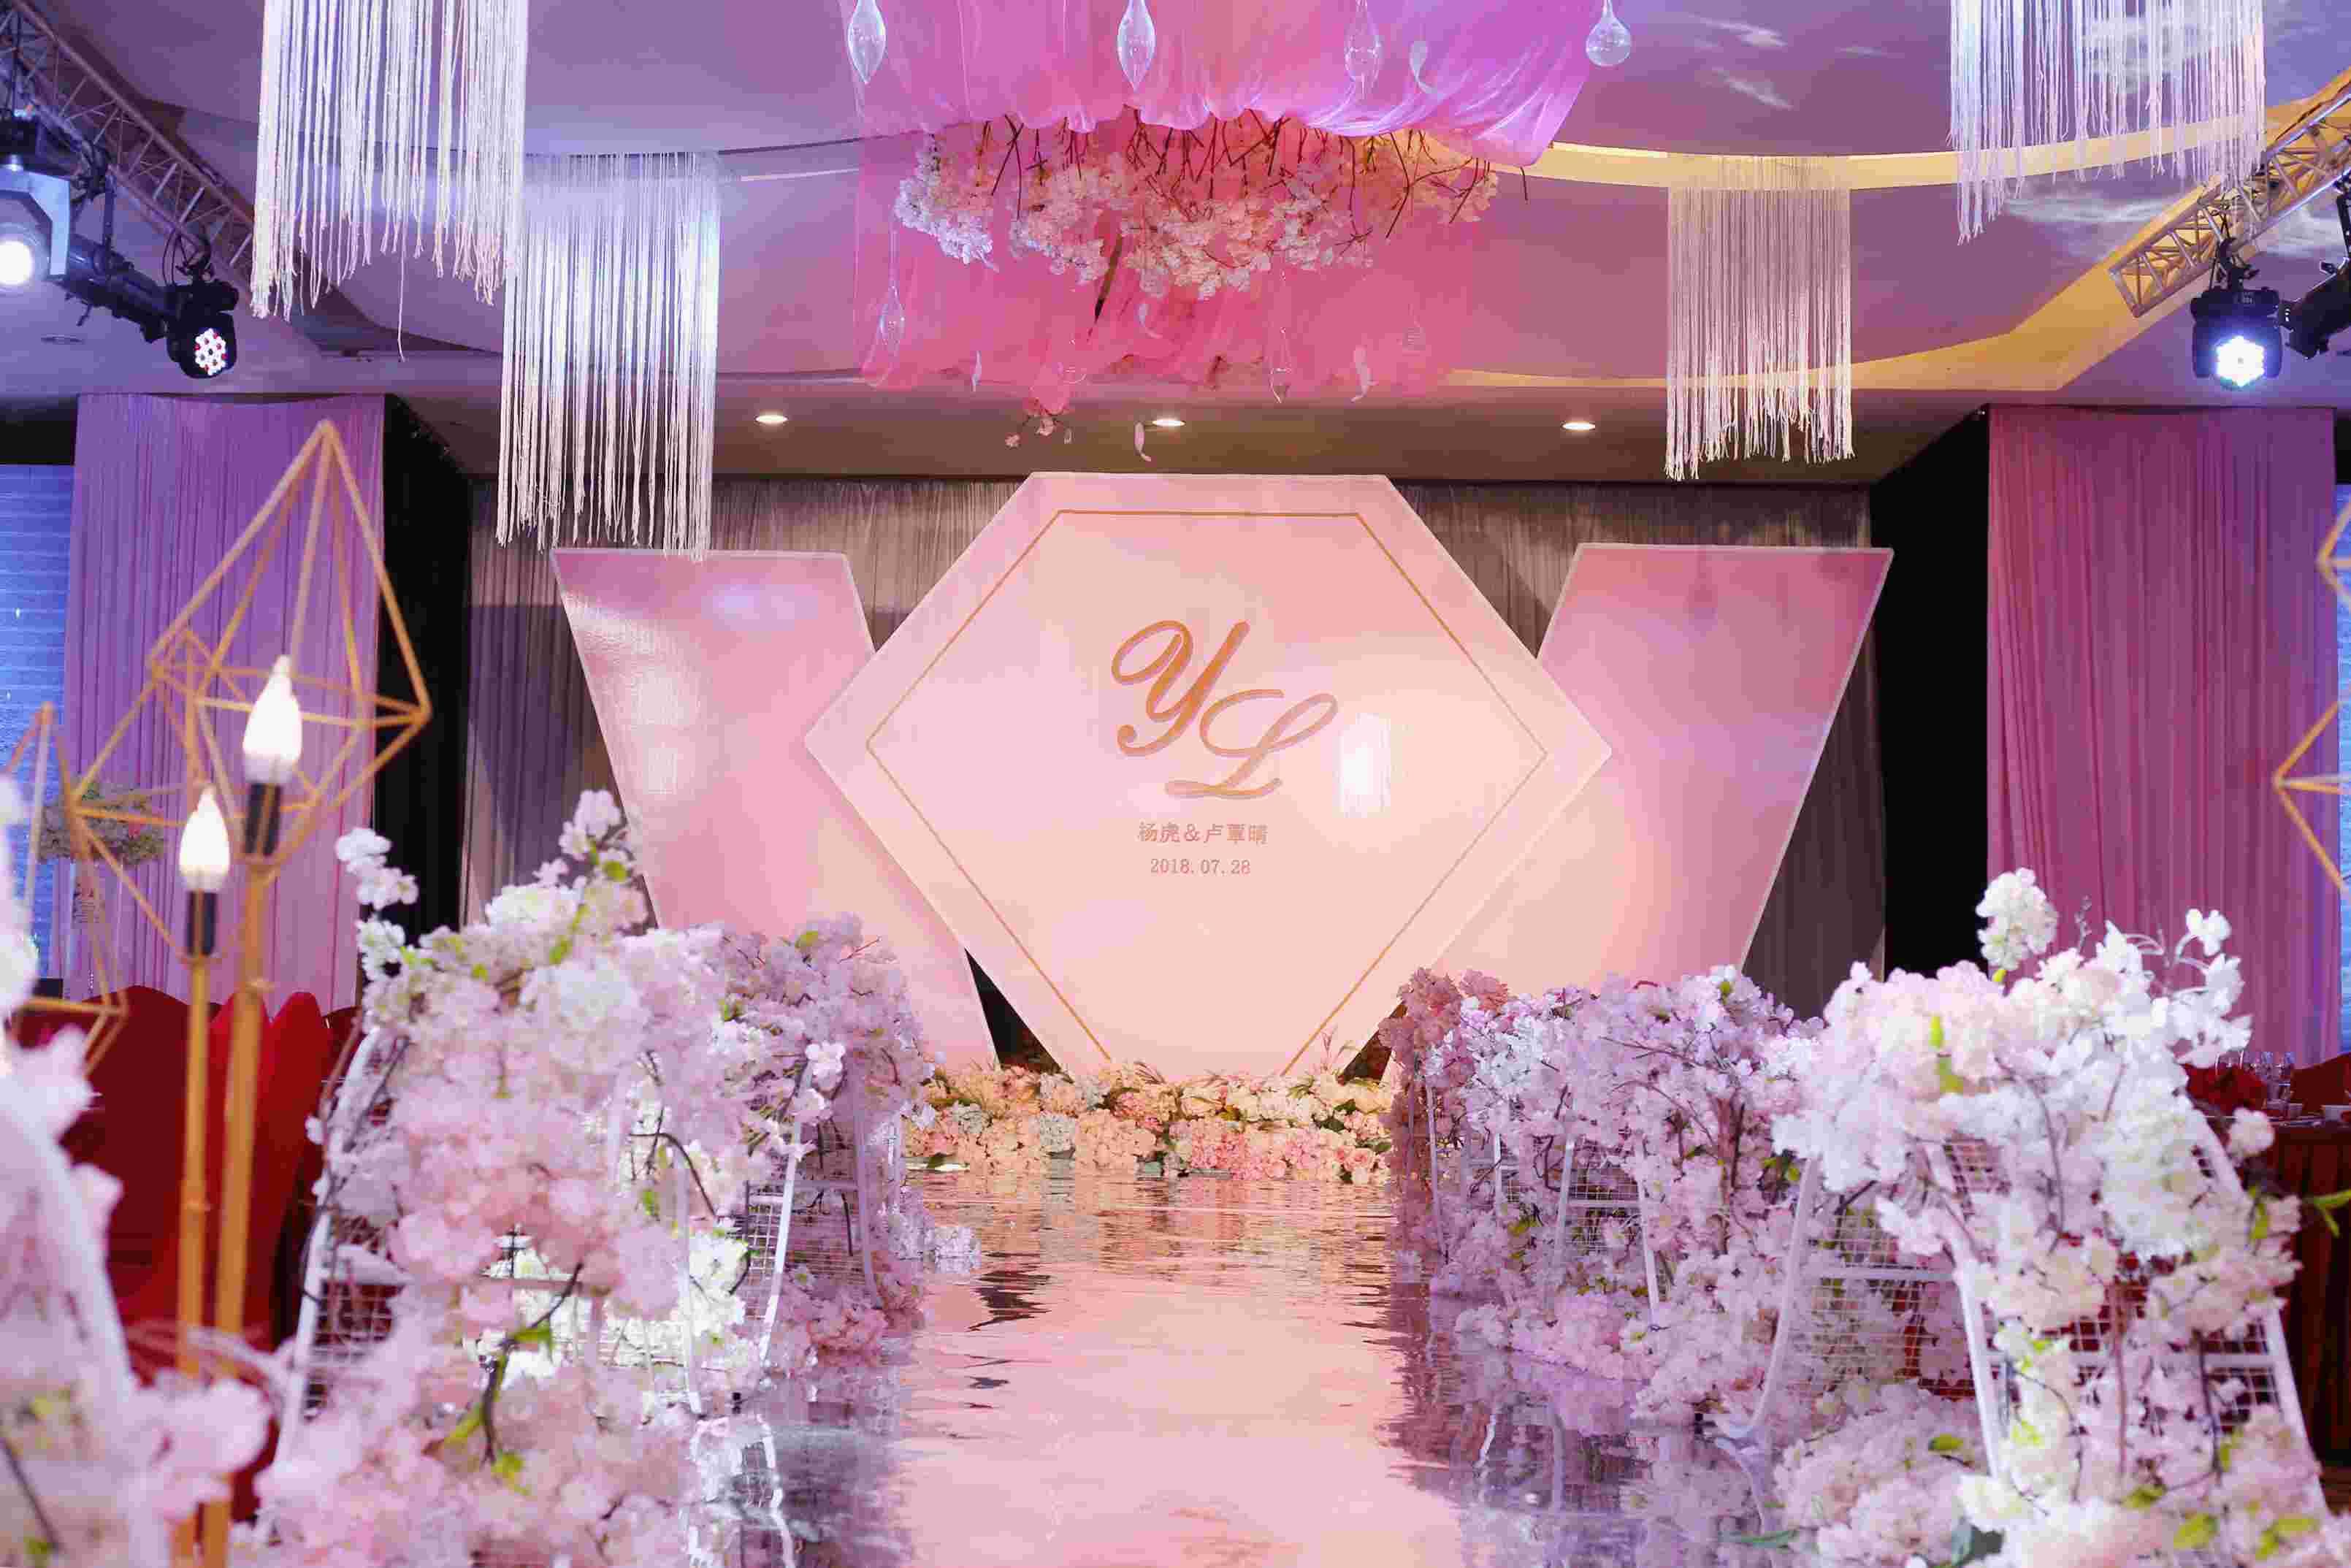 全桂林婚宴设计婚礼跟拍婚庆策划